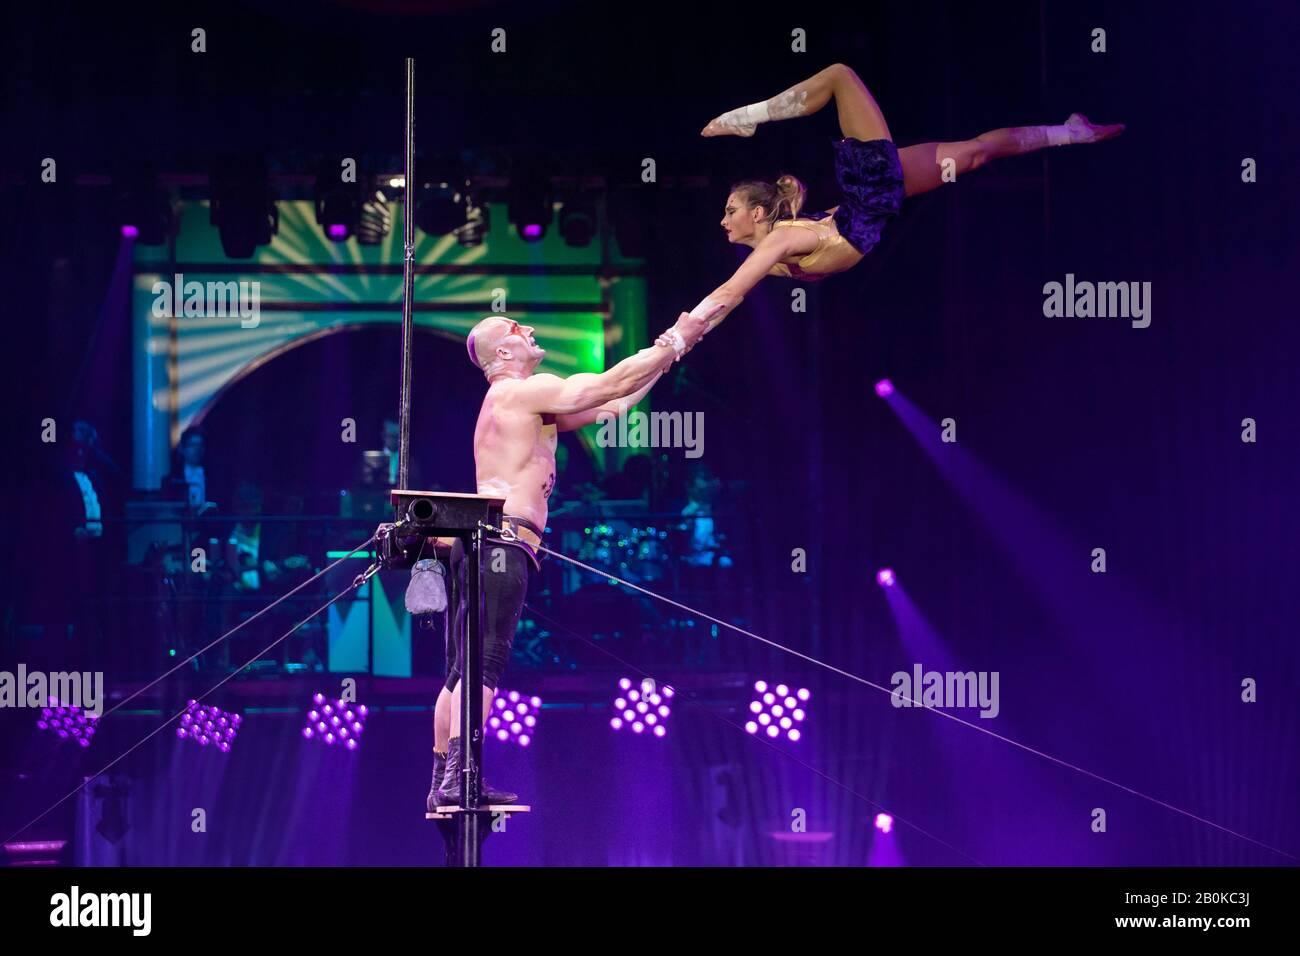 """Gérone, ESPAGNE - 17 FÉVRIER: Russe Ruslan Sementsov et Kseniia Nikiforova se remplissent de """"servir à voler"""" pendant """"Elefant d'Or"""" International Circus Festi Banque D'Images"""